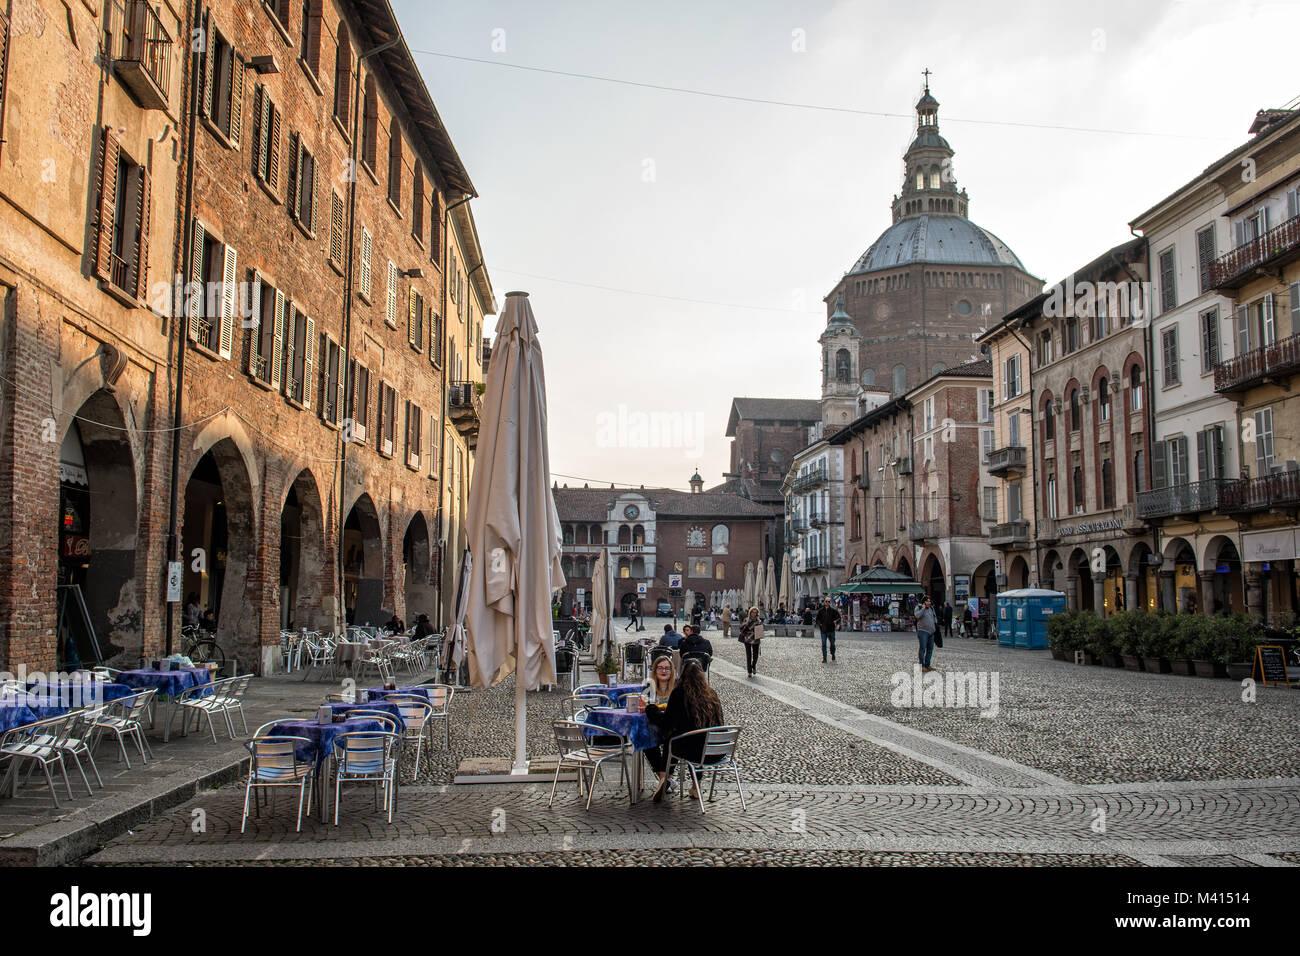 Victory Square (piazza della Vittoria) in Pavia, Lombardy, northern Italy Stock Photo